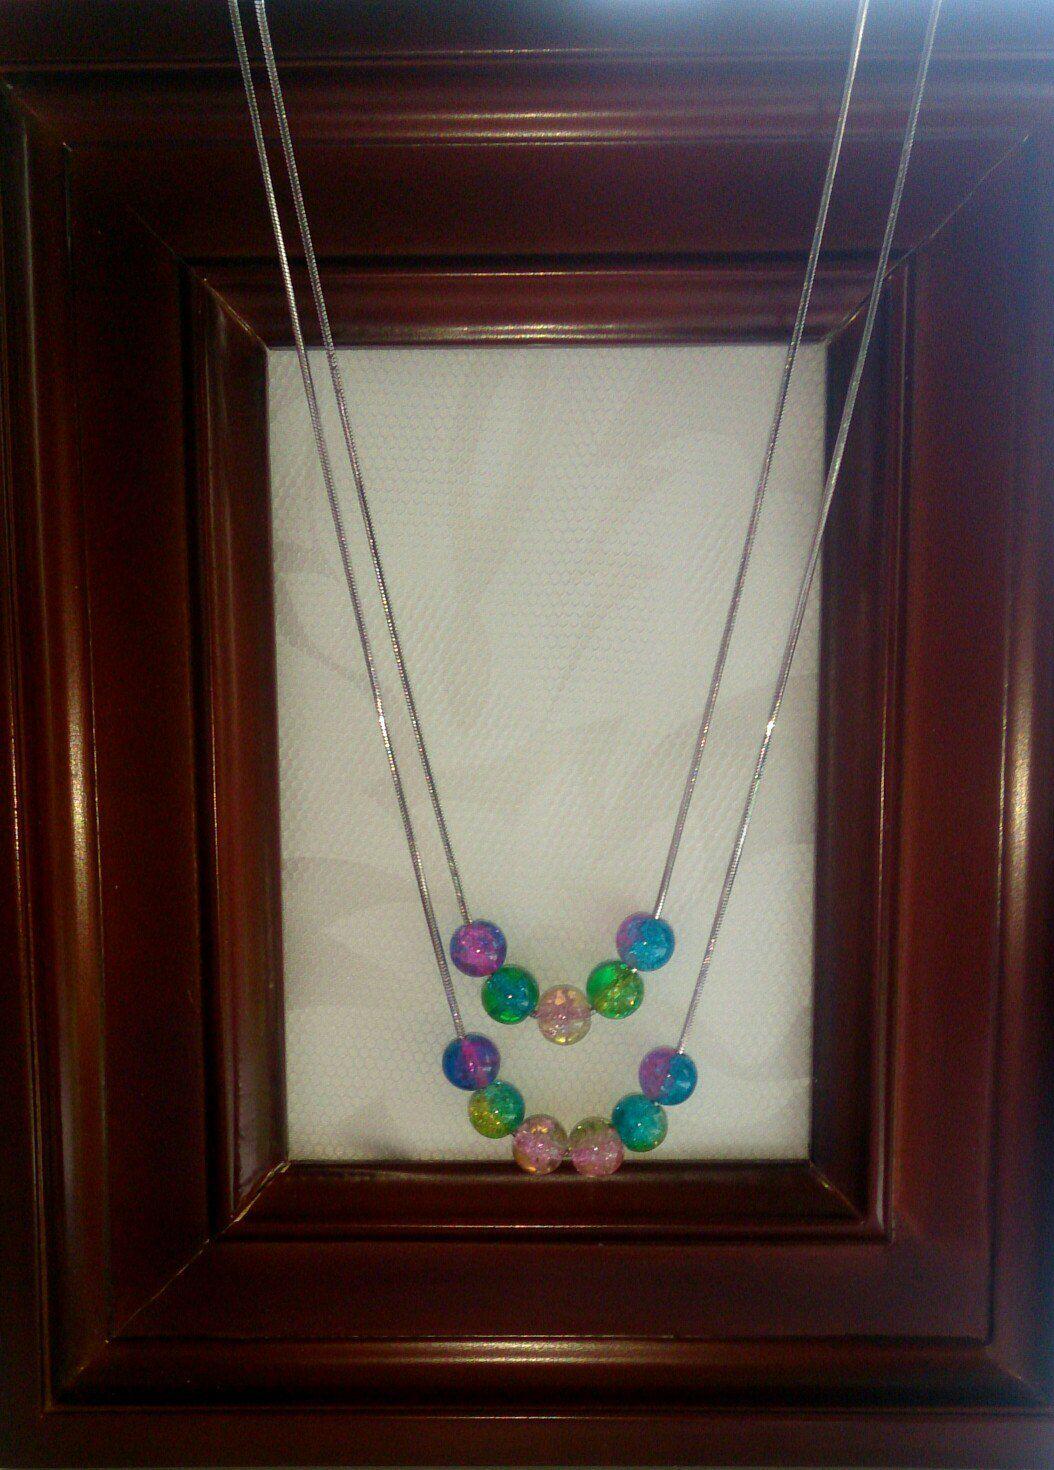 колье ручнаяработа подарок серьги разноцветноестекло кракле стеклянныебусины цепочки гиппоалергенные